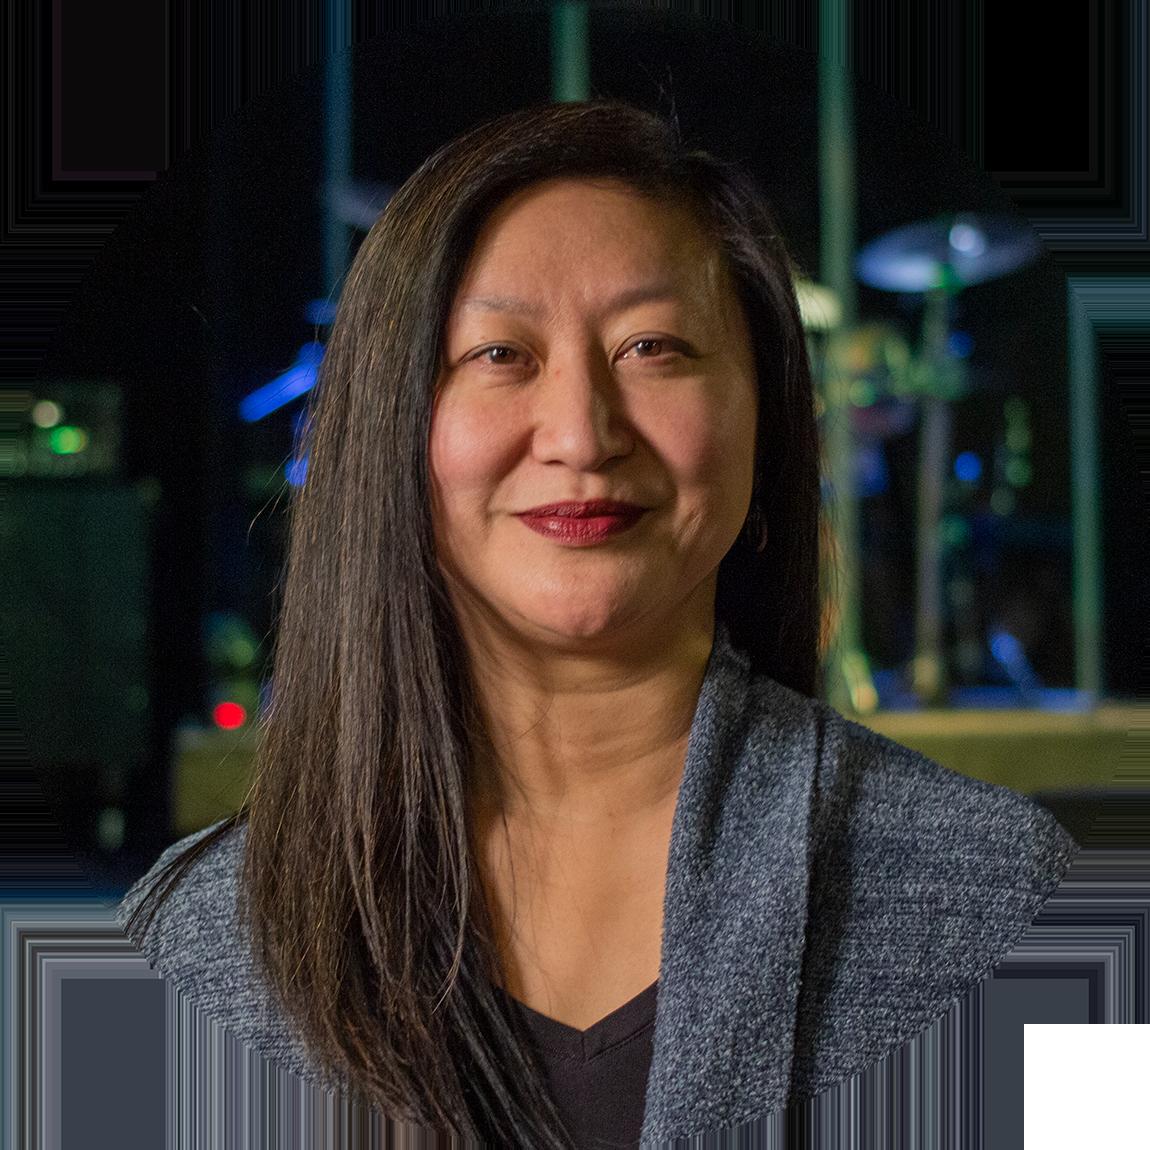 Dr. Wanda Yang Tempko